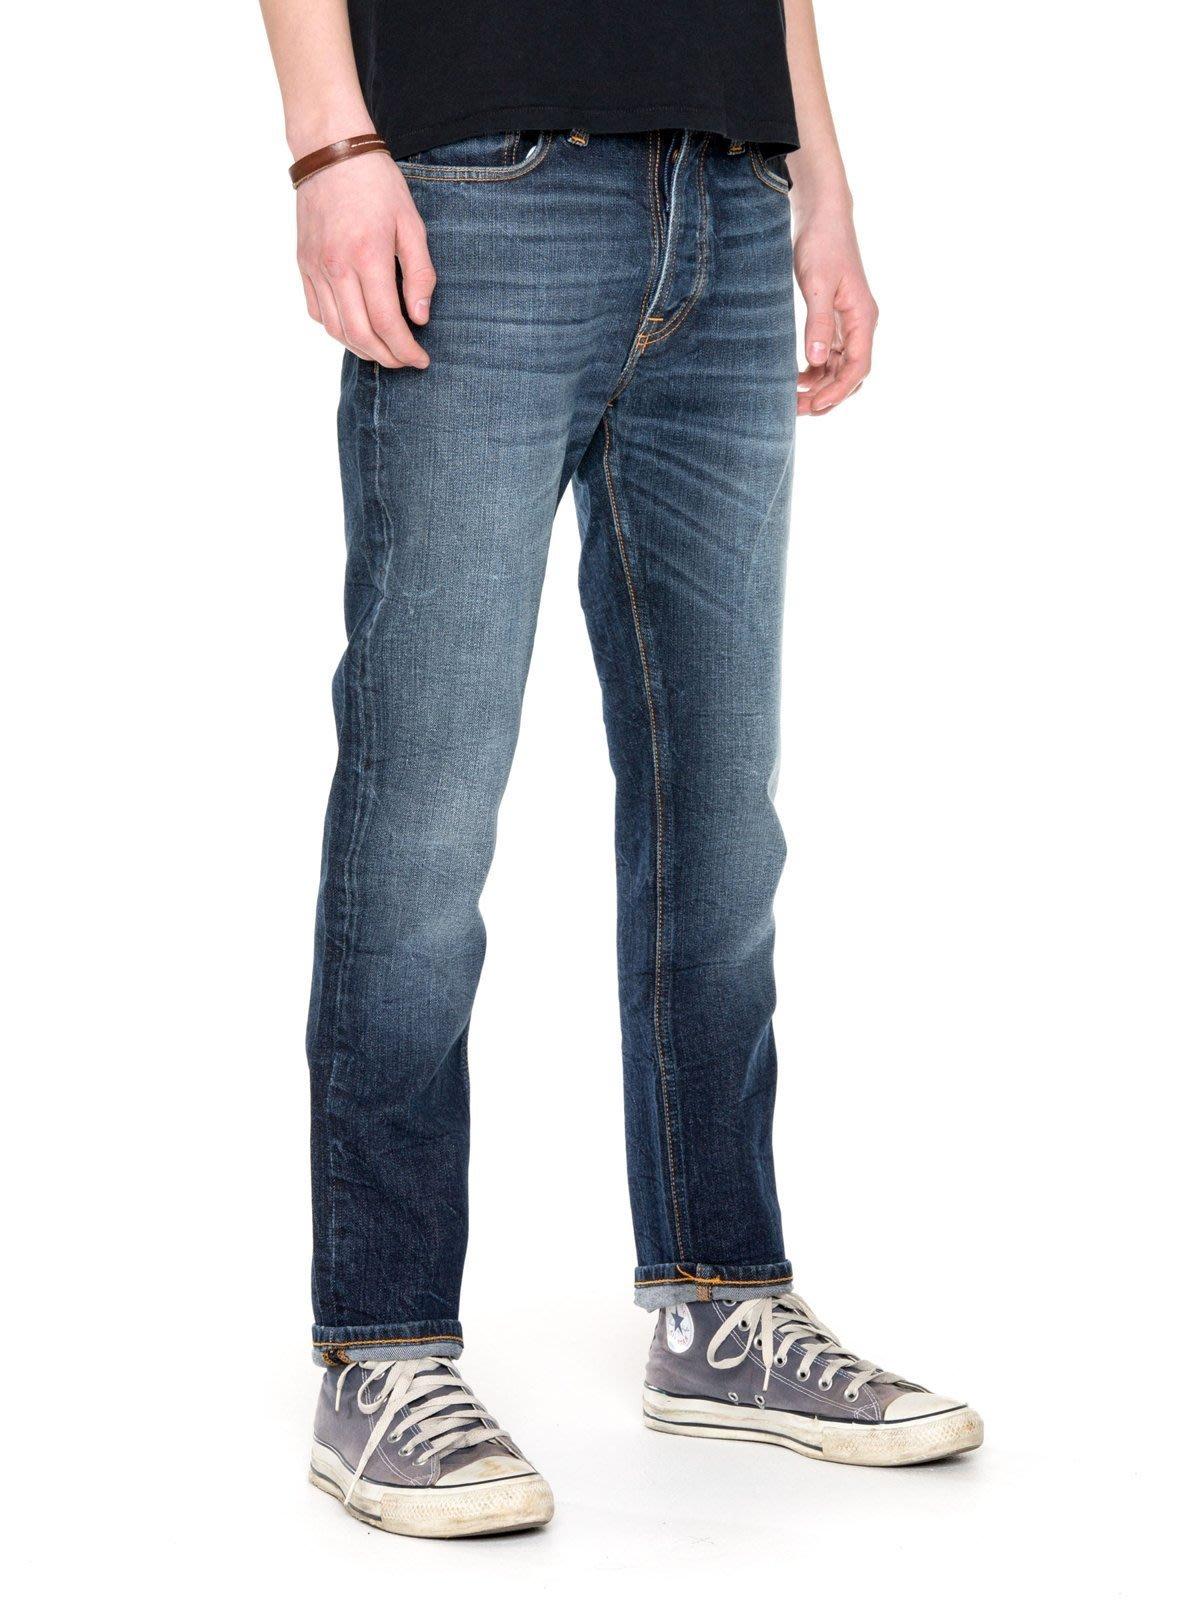 (預購商品) NUDIE DUDE DAN DARK FUZZ 新款 深藍 刷白 合身 直筒 牛仔 丹寧 長褲 牛仔褲